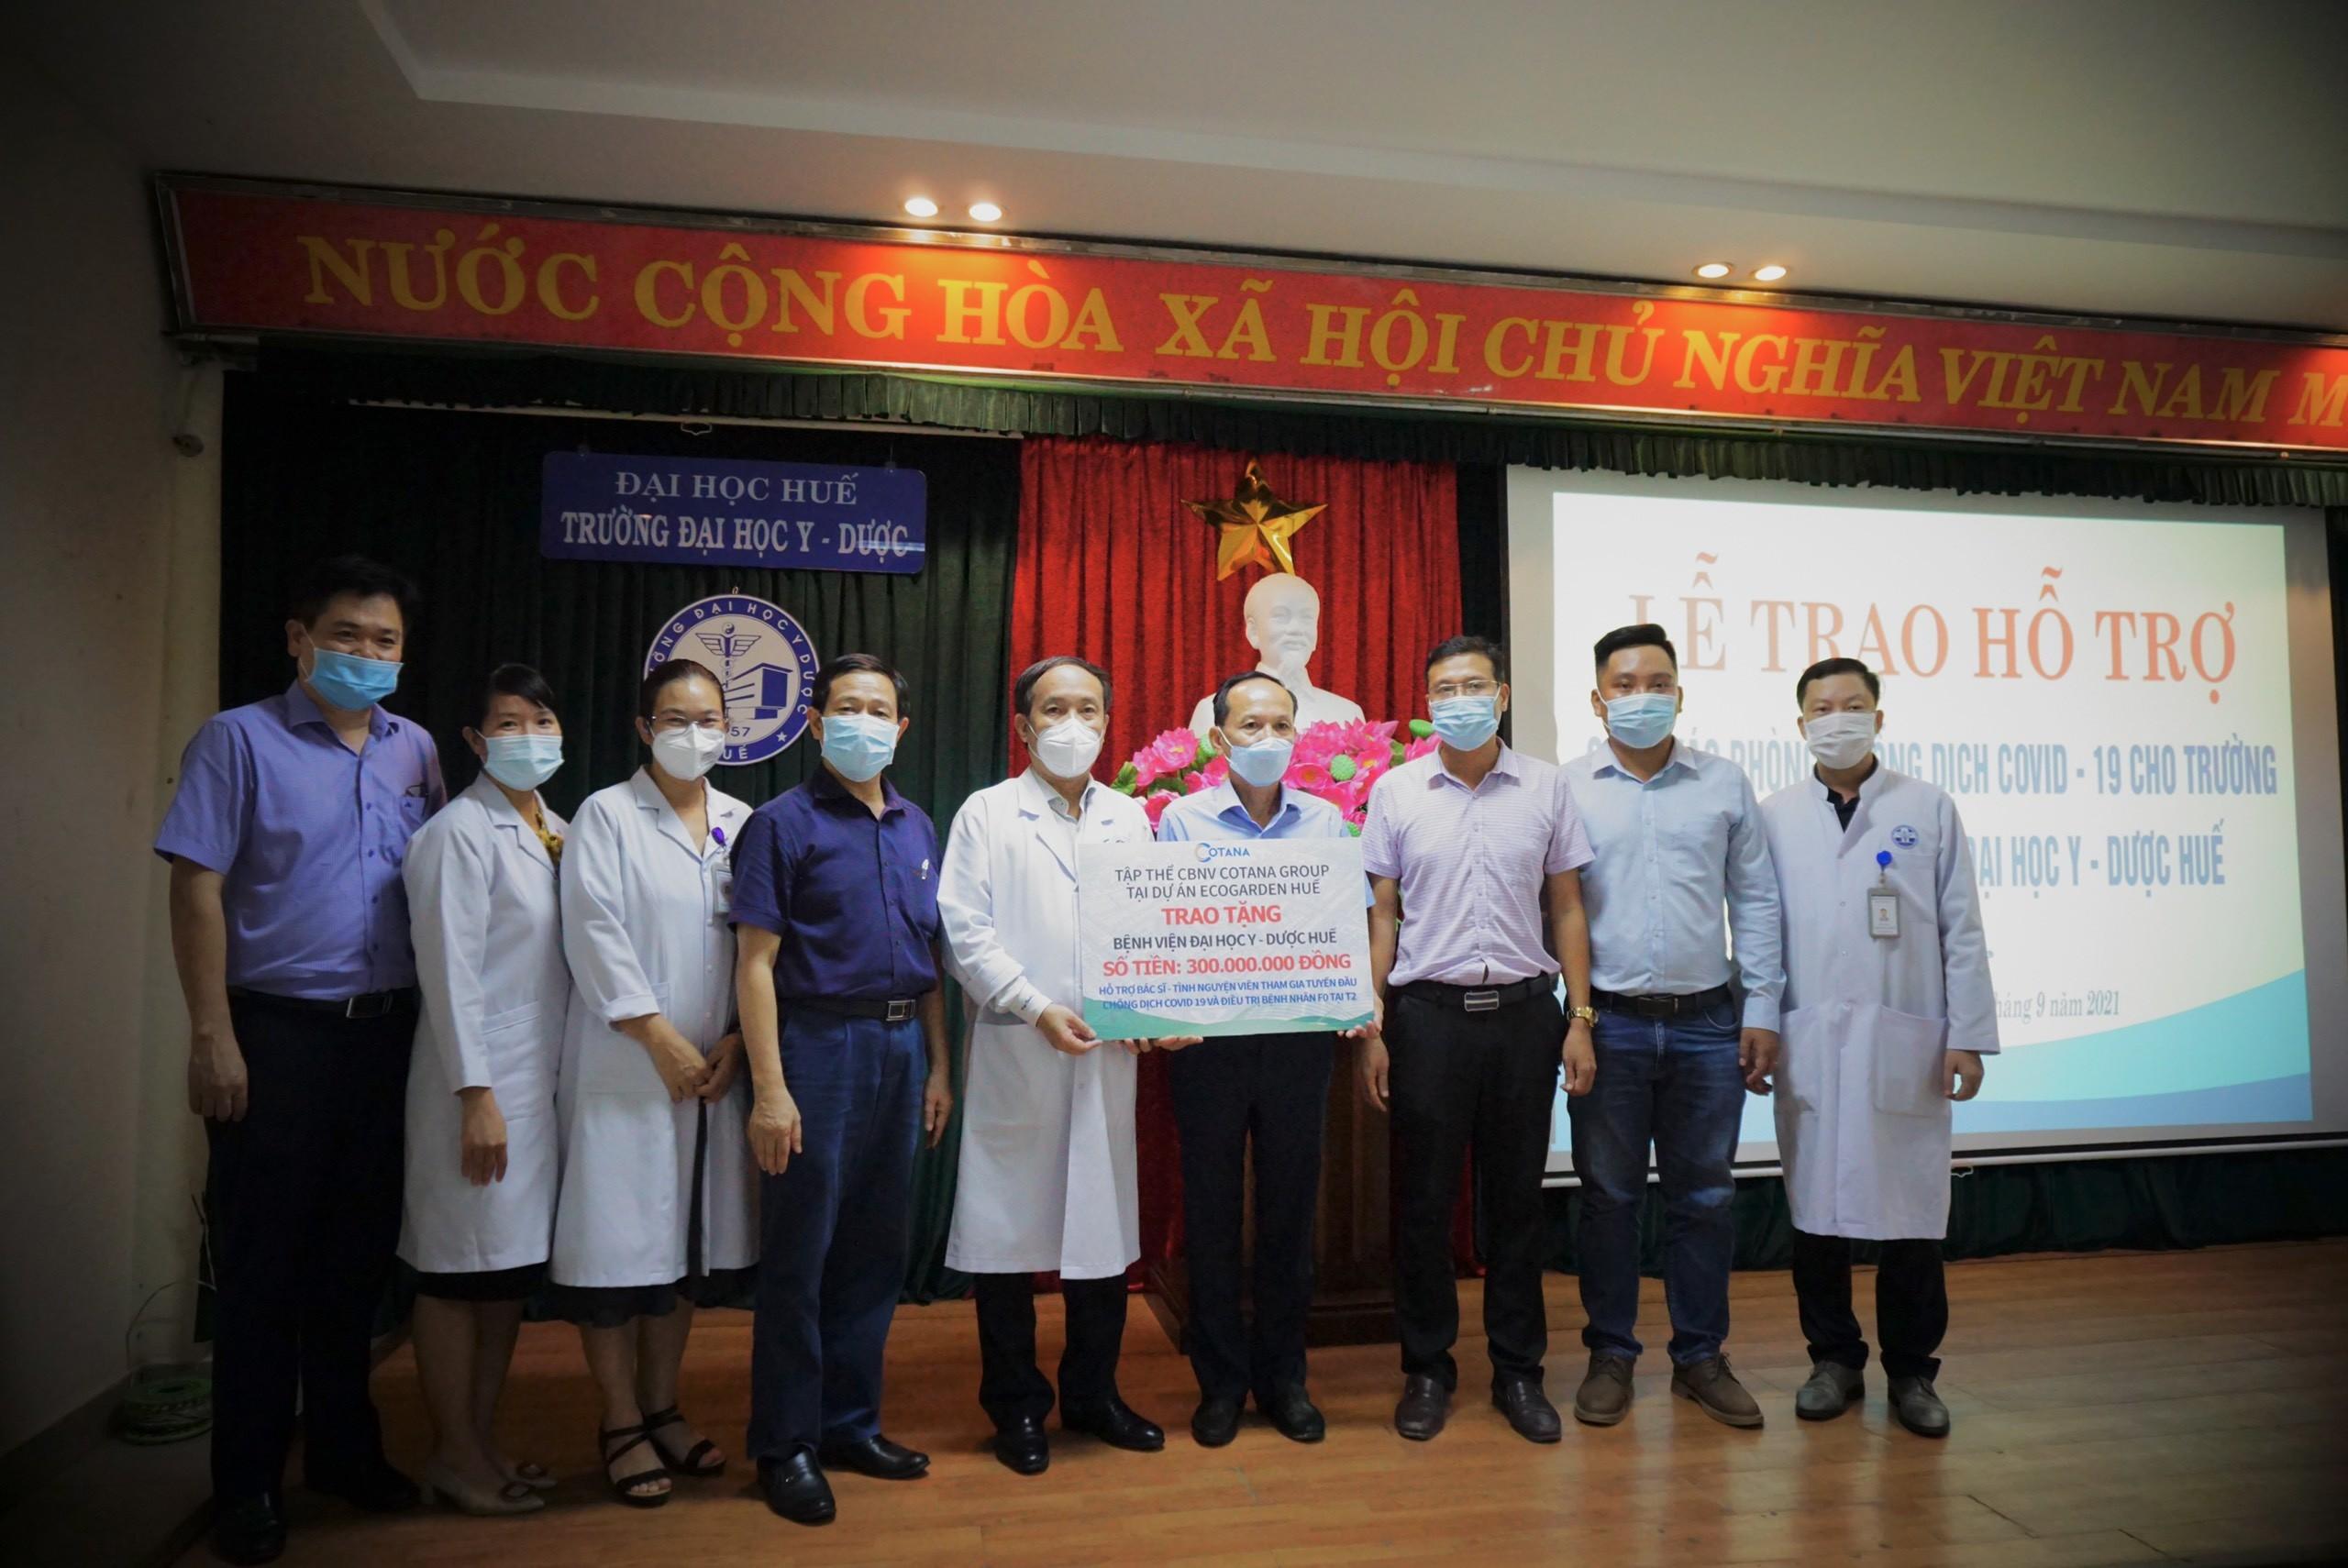 Trường và Bệnh viện Trường Đại học Y - Dược Huế tiếp nhận hỗ trợ công tác phòng chống dịch COVID-19